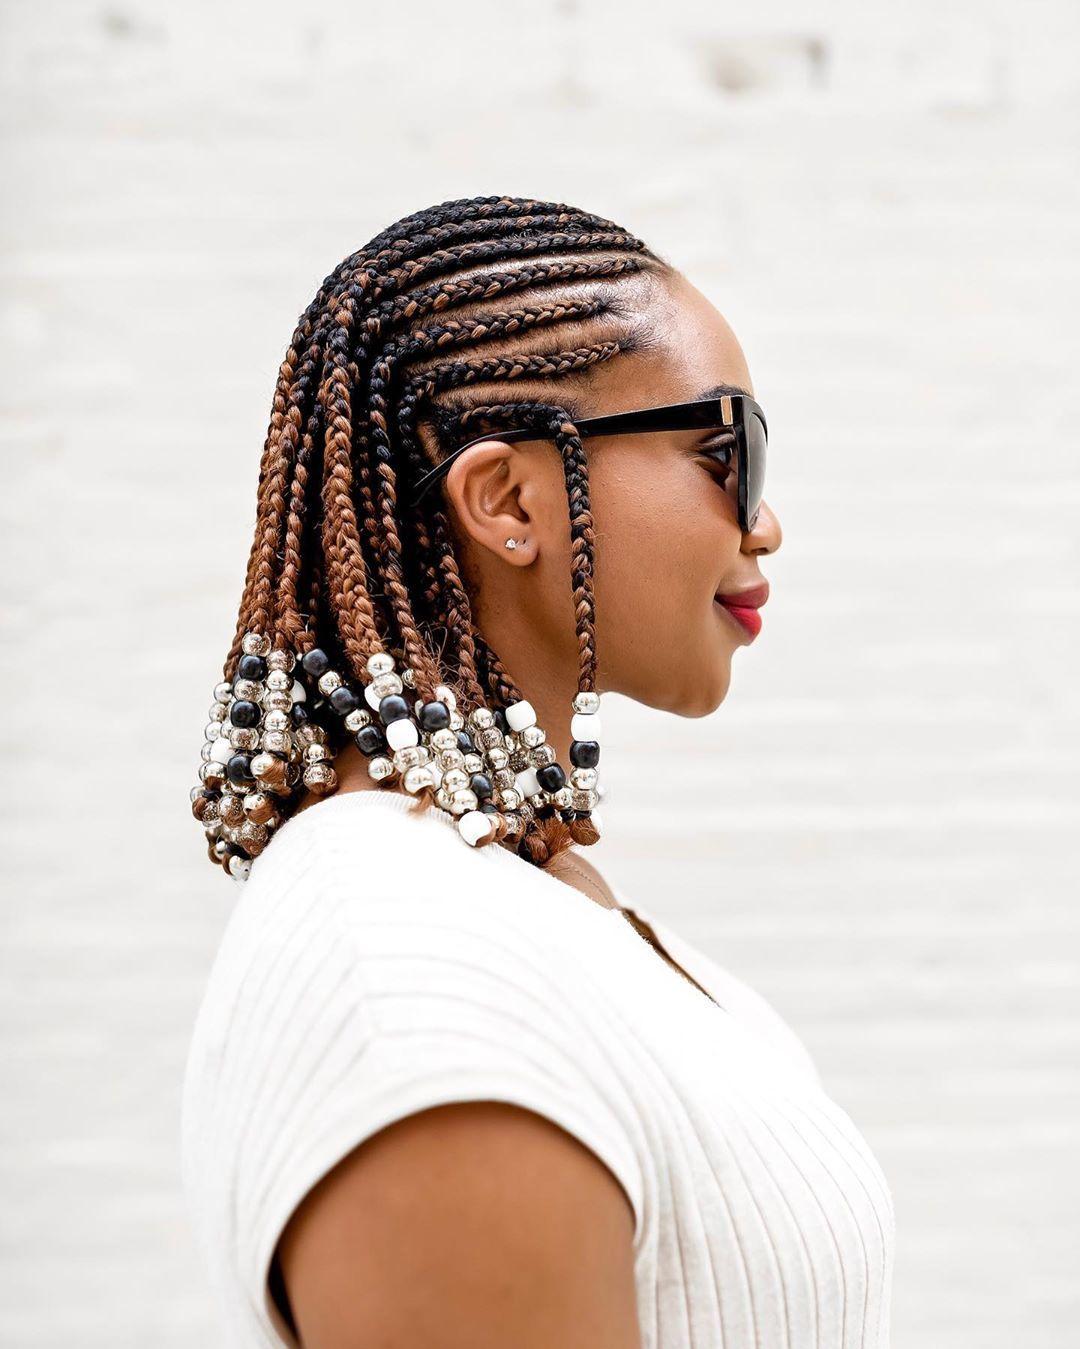 Femme avec une coiffure de cornouiller à longueur d'épaule avec des perles